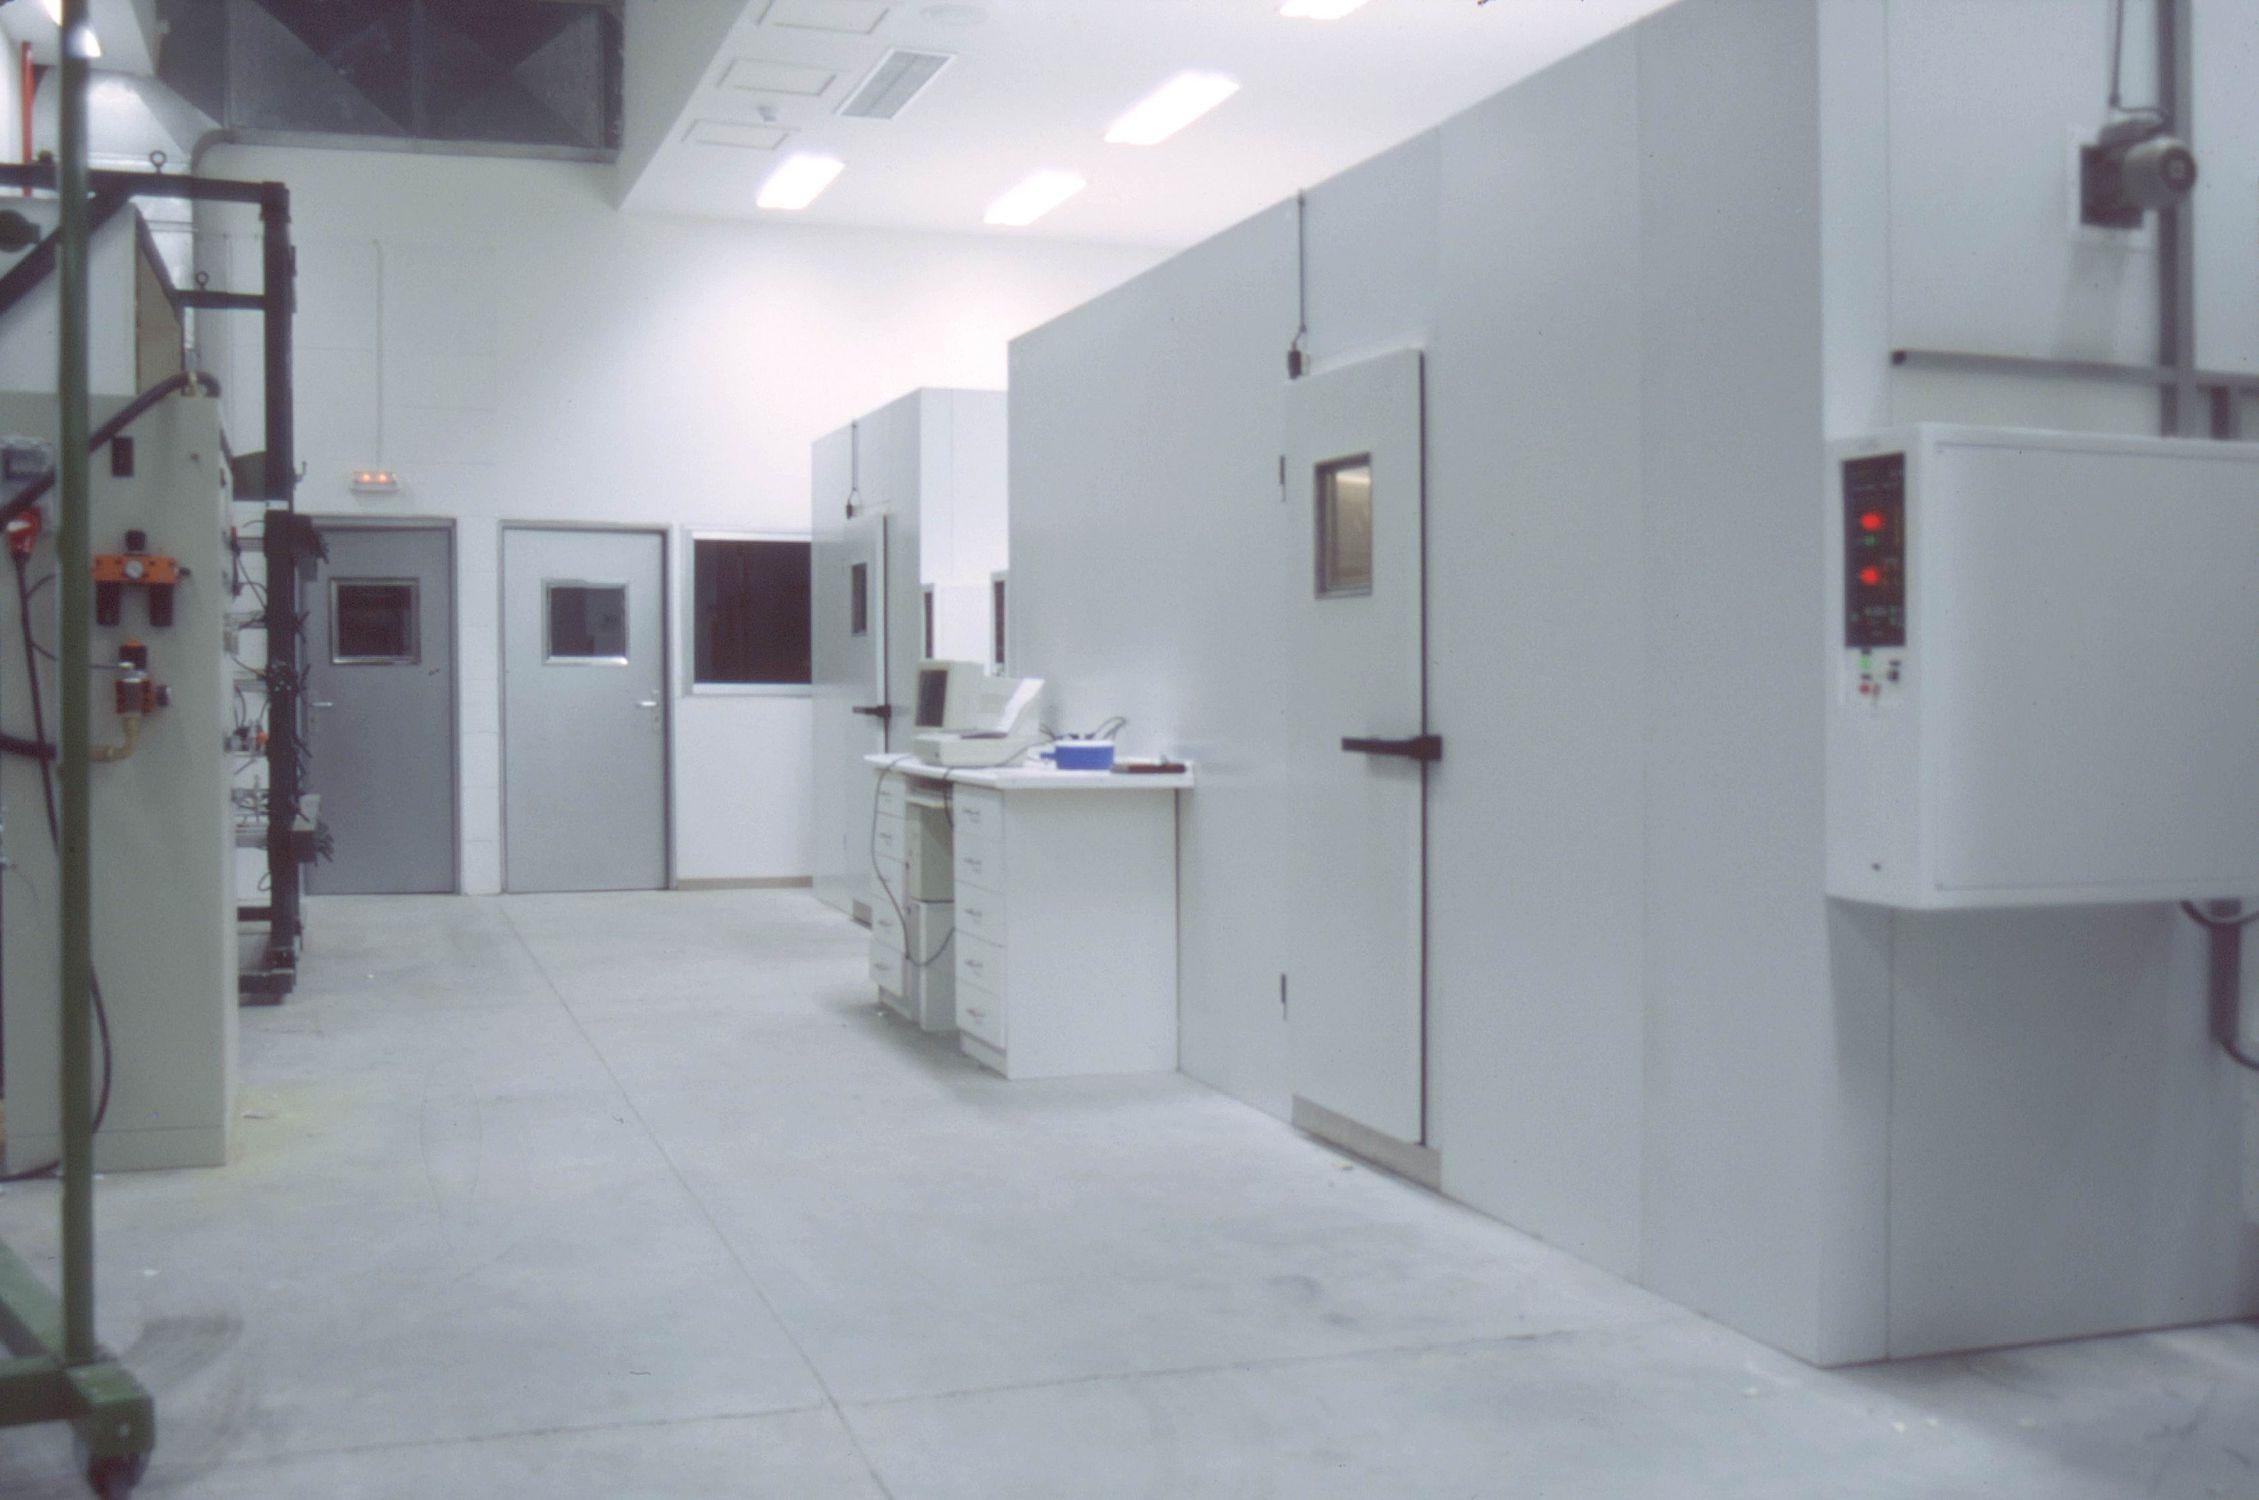 Une chambre froide dans une boucherie for Couture a quoi sert une surjeteuse